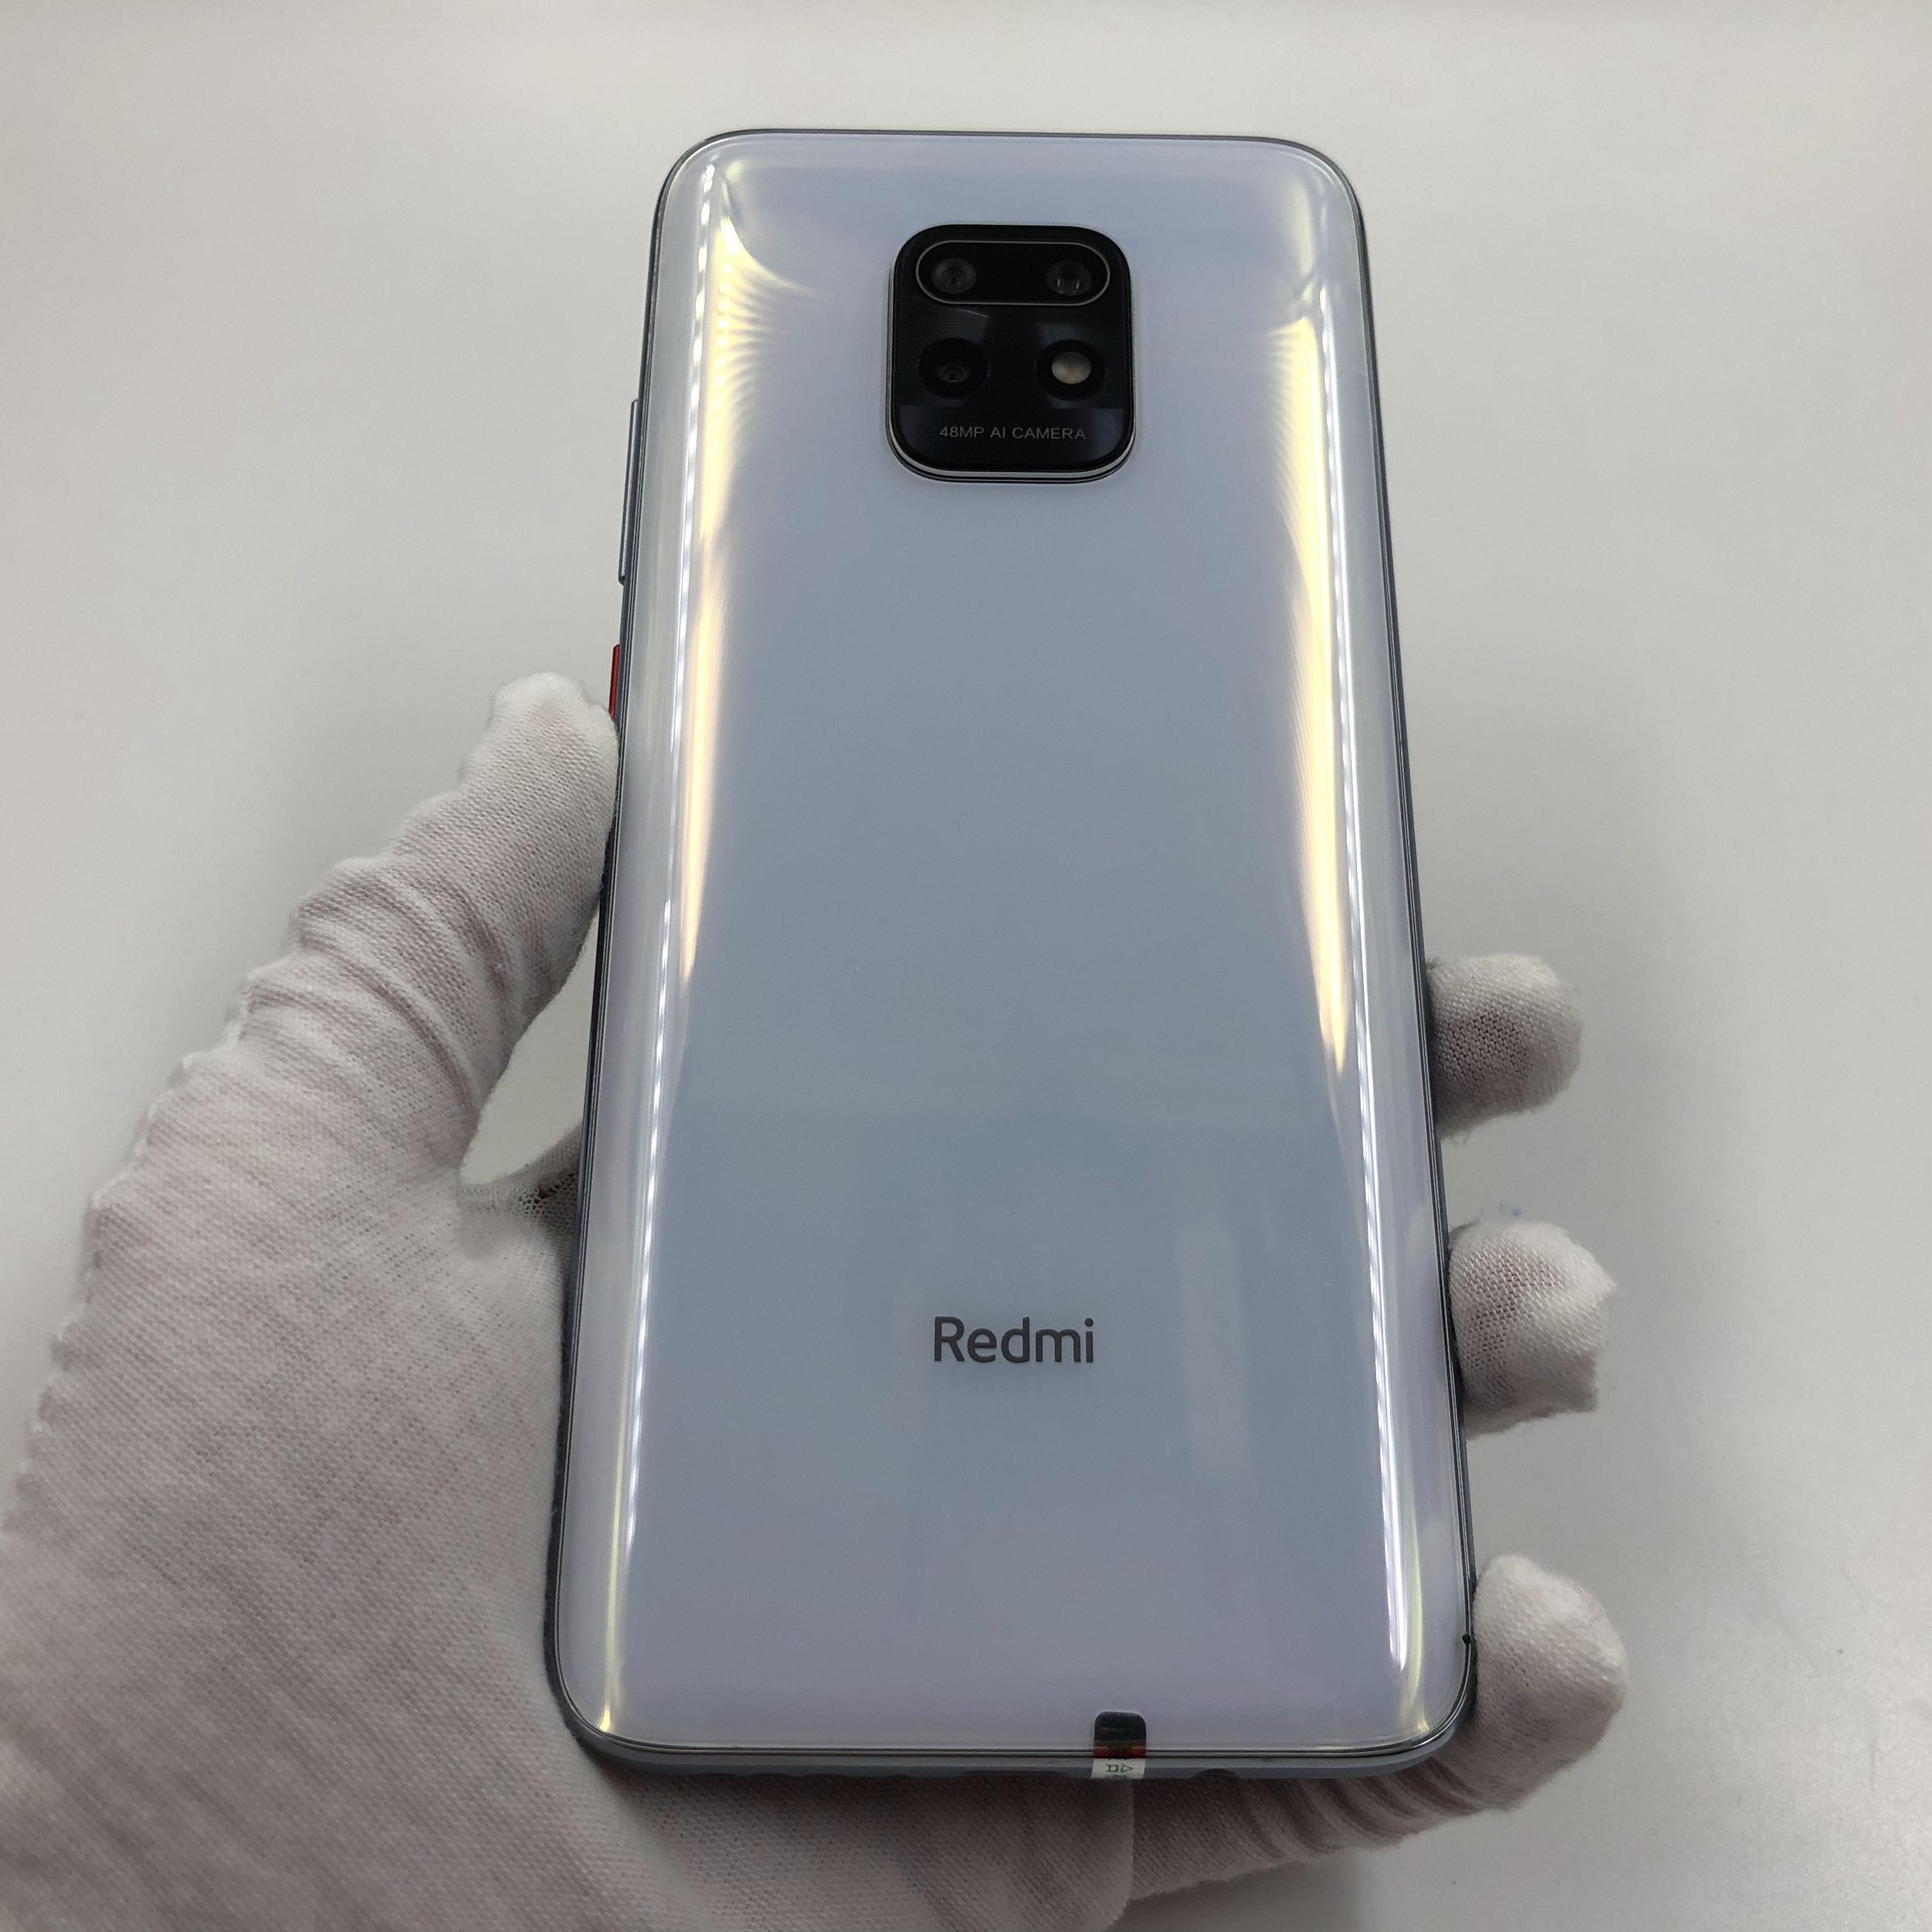 小米【Redmi 10X 5G】5G全网通 星露白 6G/128G 国行 95新 真机实拍